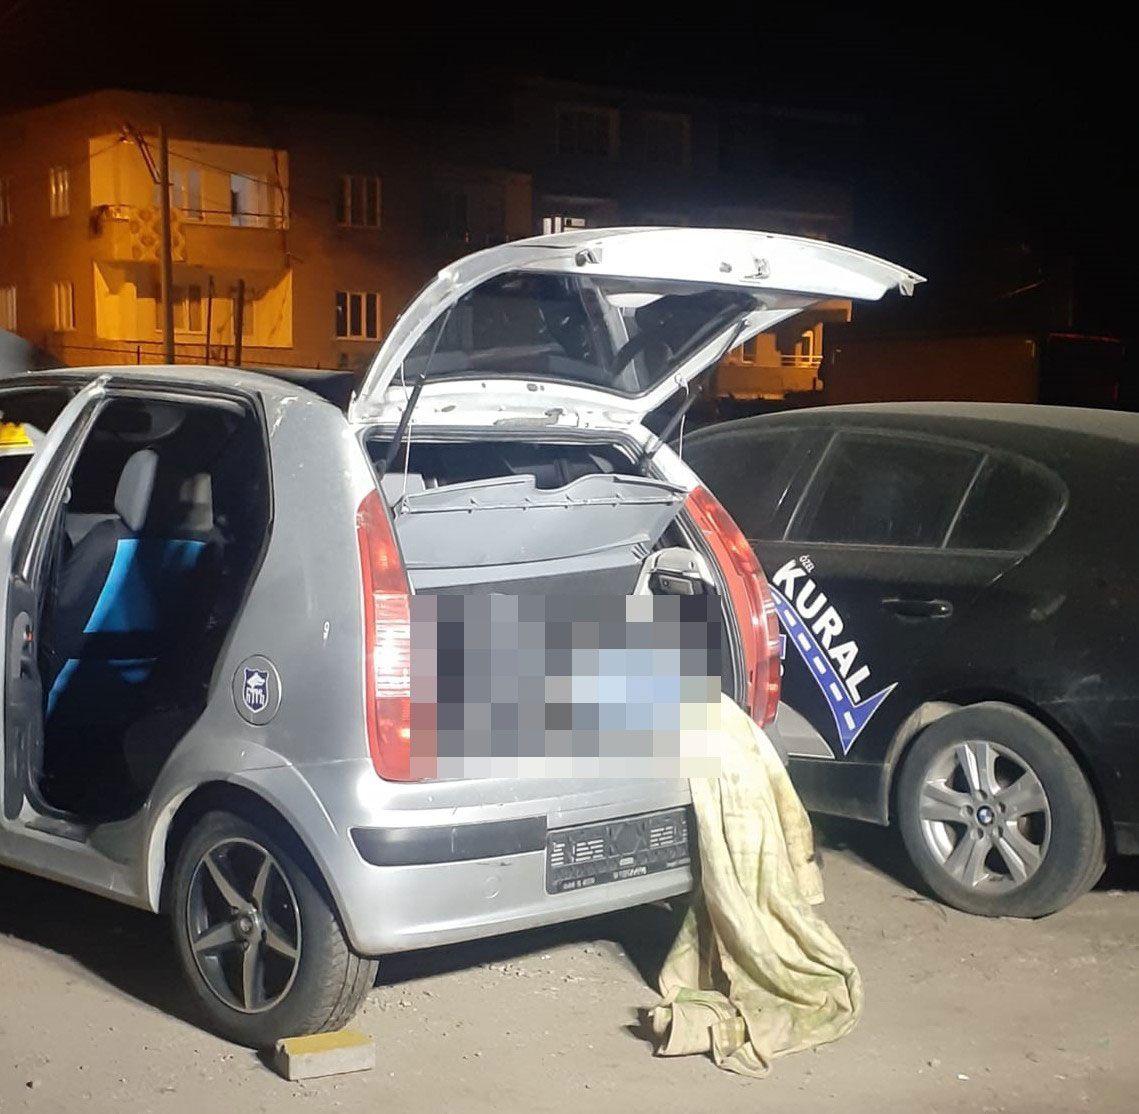 Bursa'da kan donduran cinayet! Park halindeki otomobilin bagajında erkek cesedi bulundu